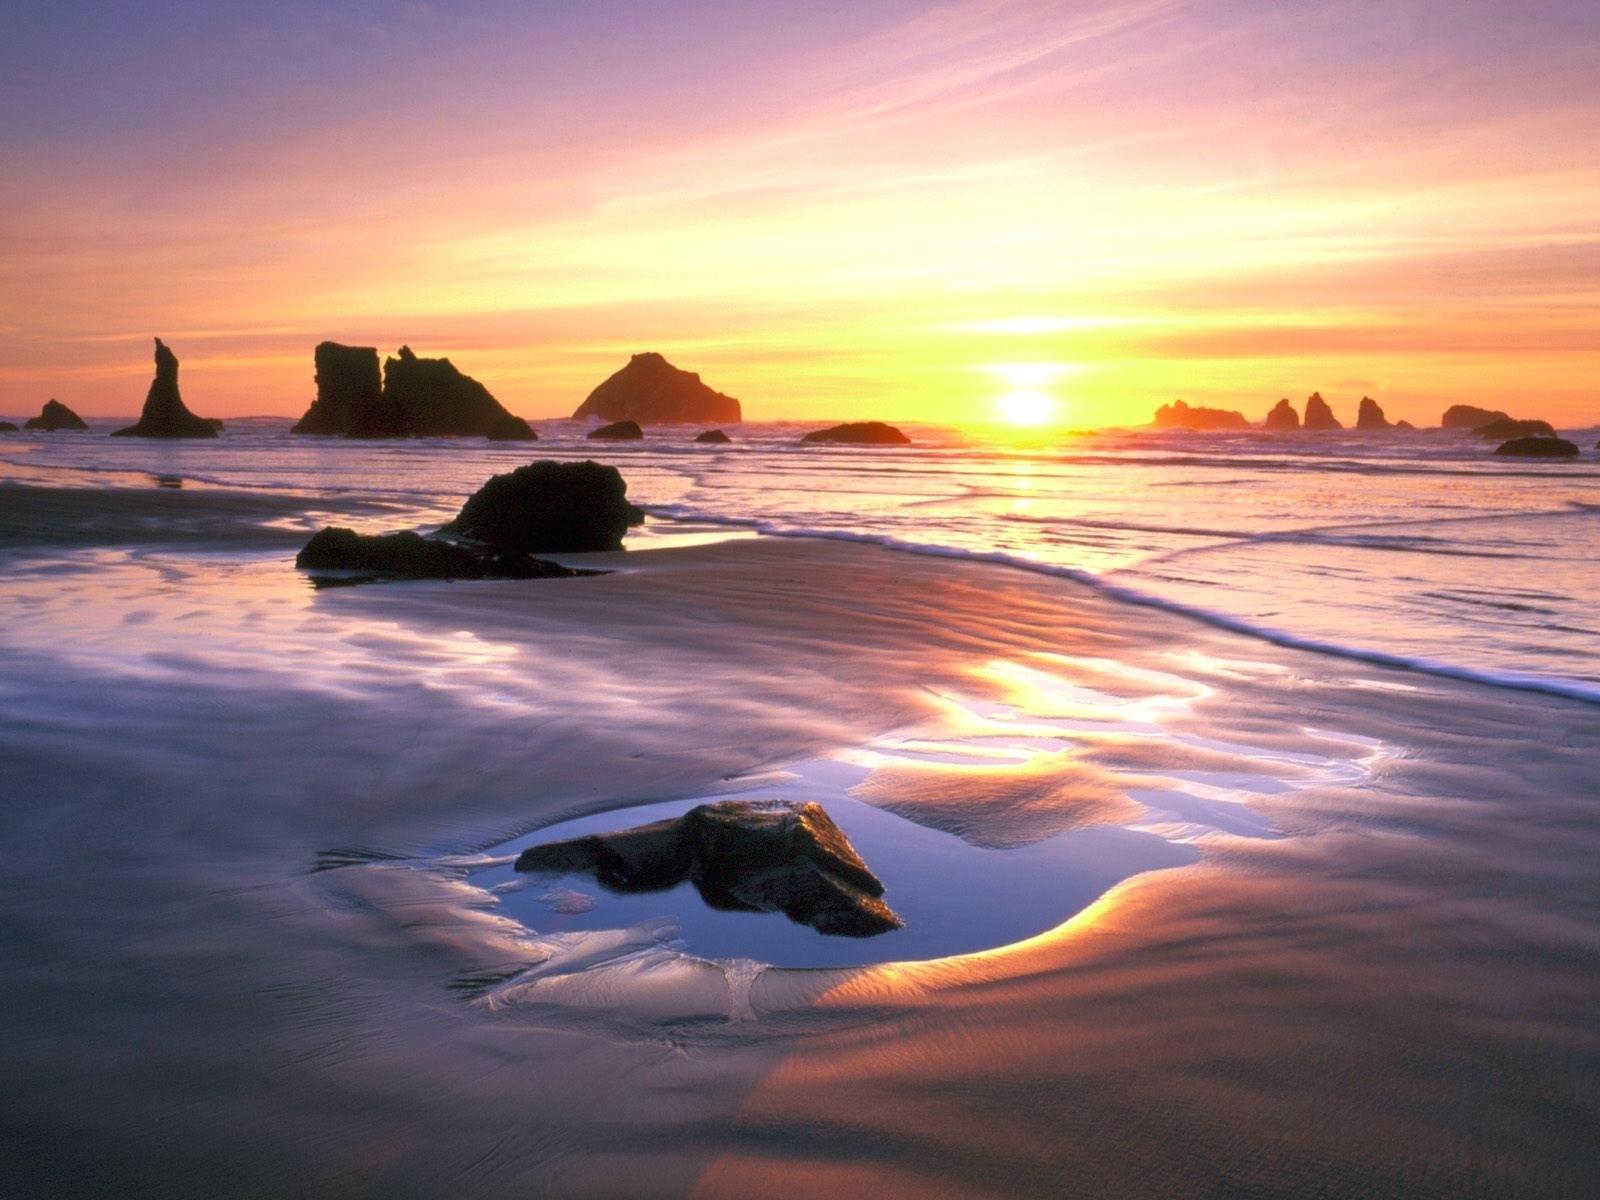 8666 скачать обои Пейзаж, Закат, Море, Солнце, Пляж - заставки и картинки бесплатно